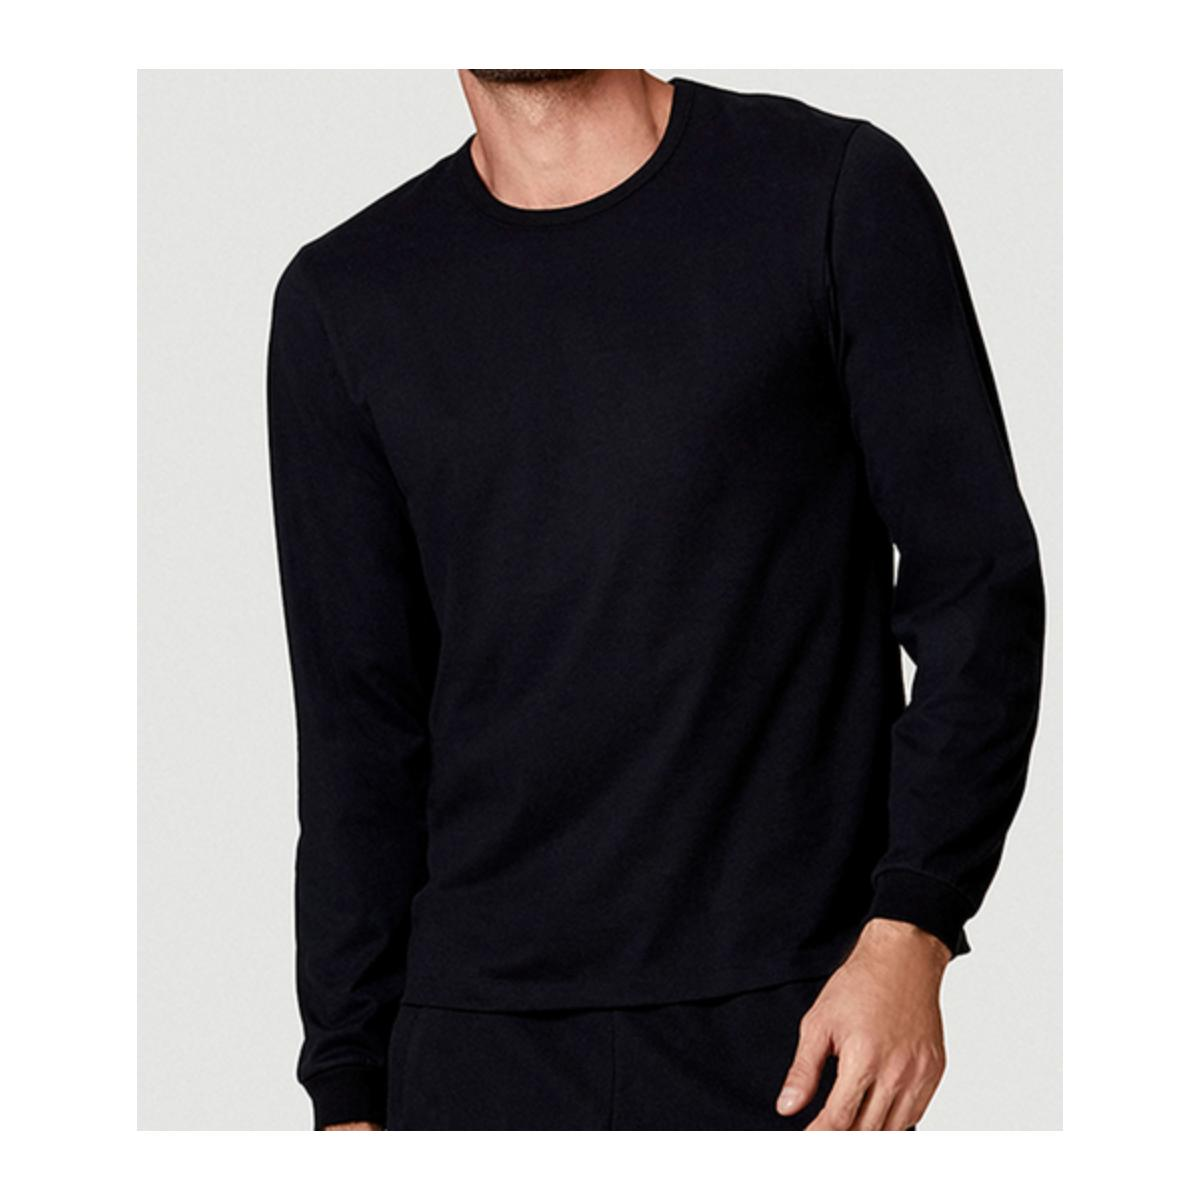 Camiseta Masculina Hering N204 N1007s Preto